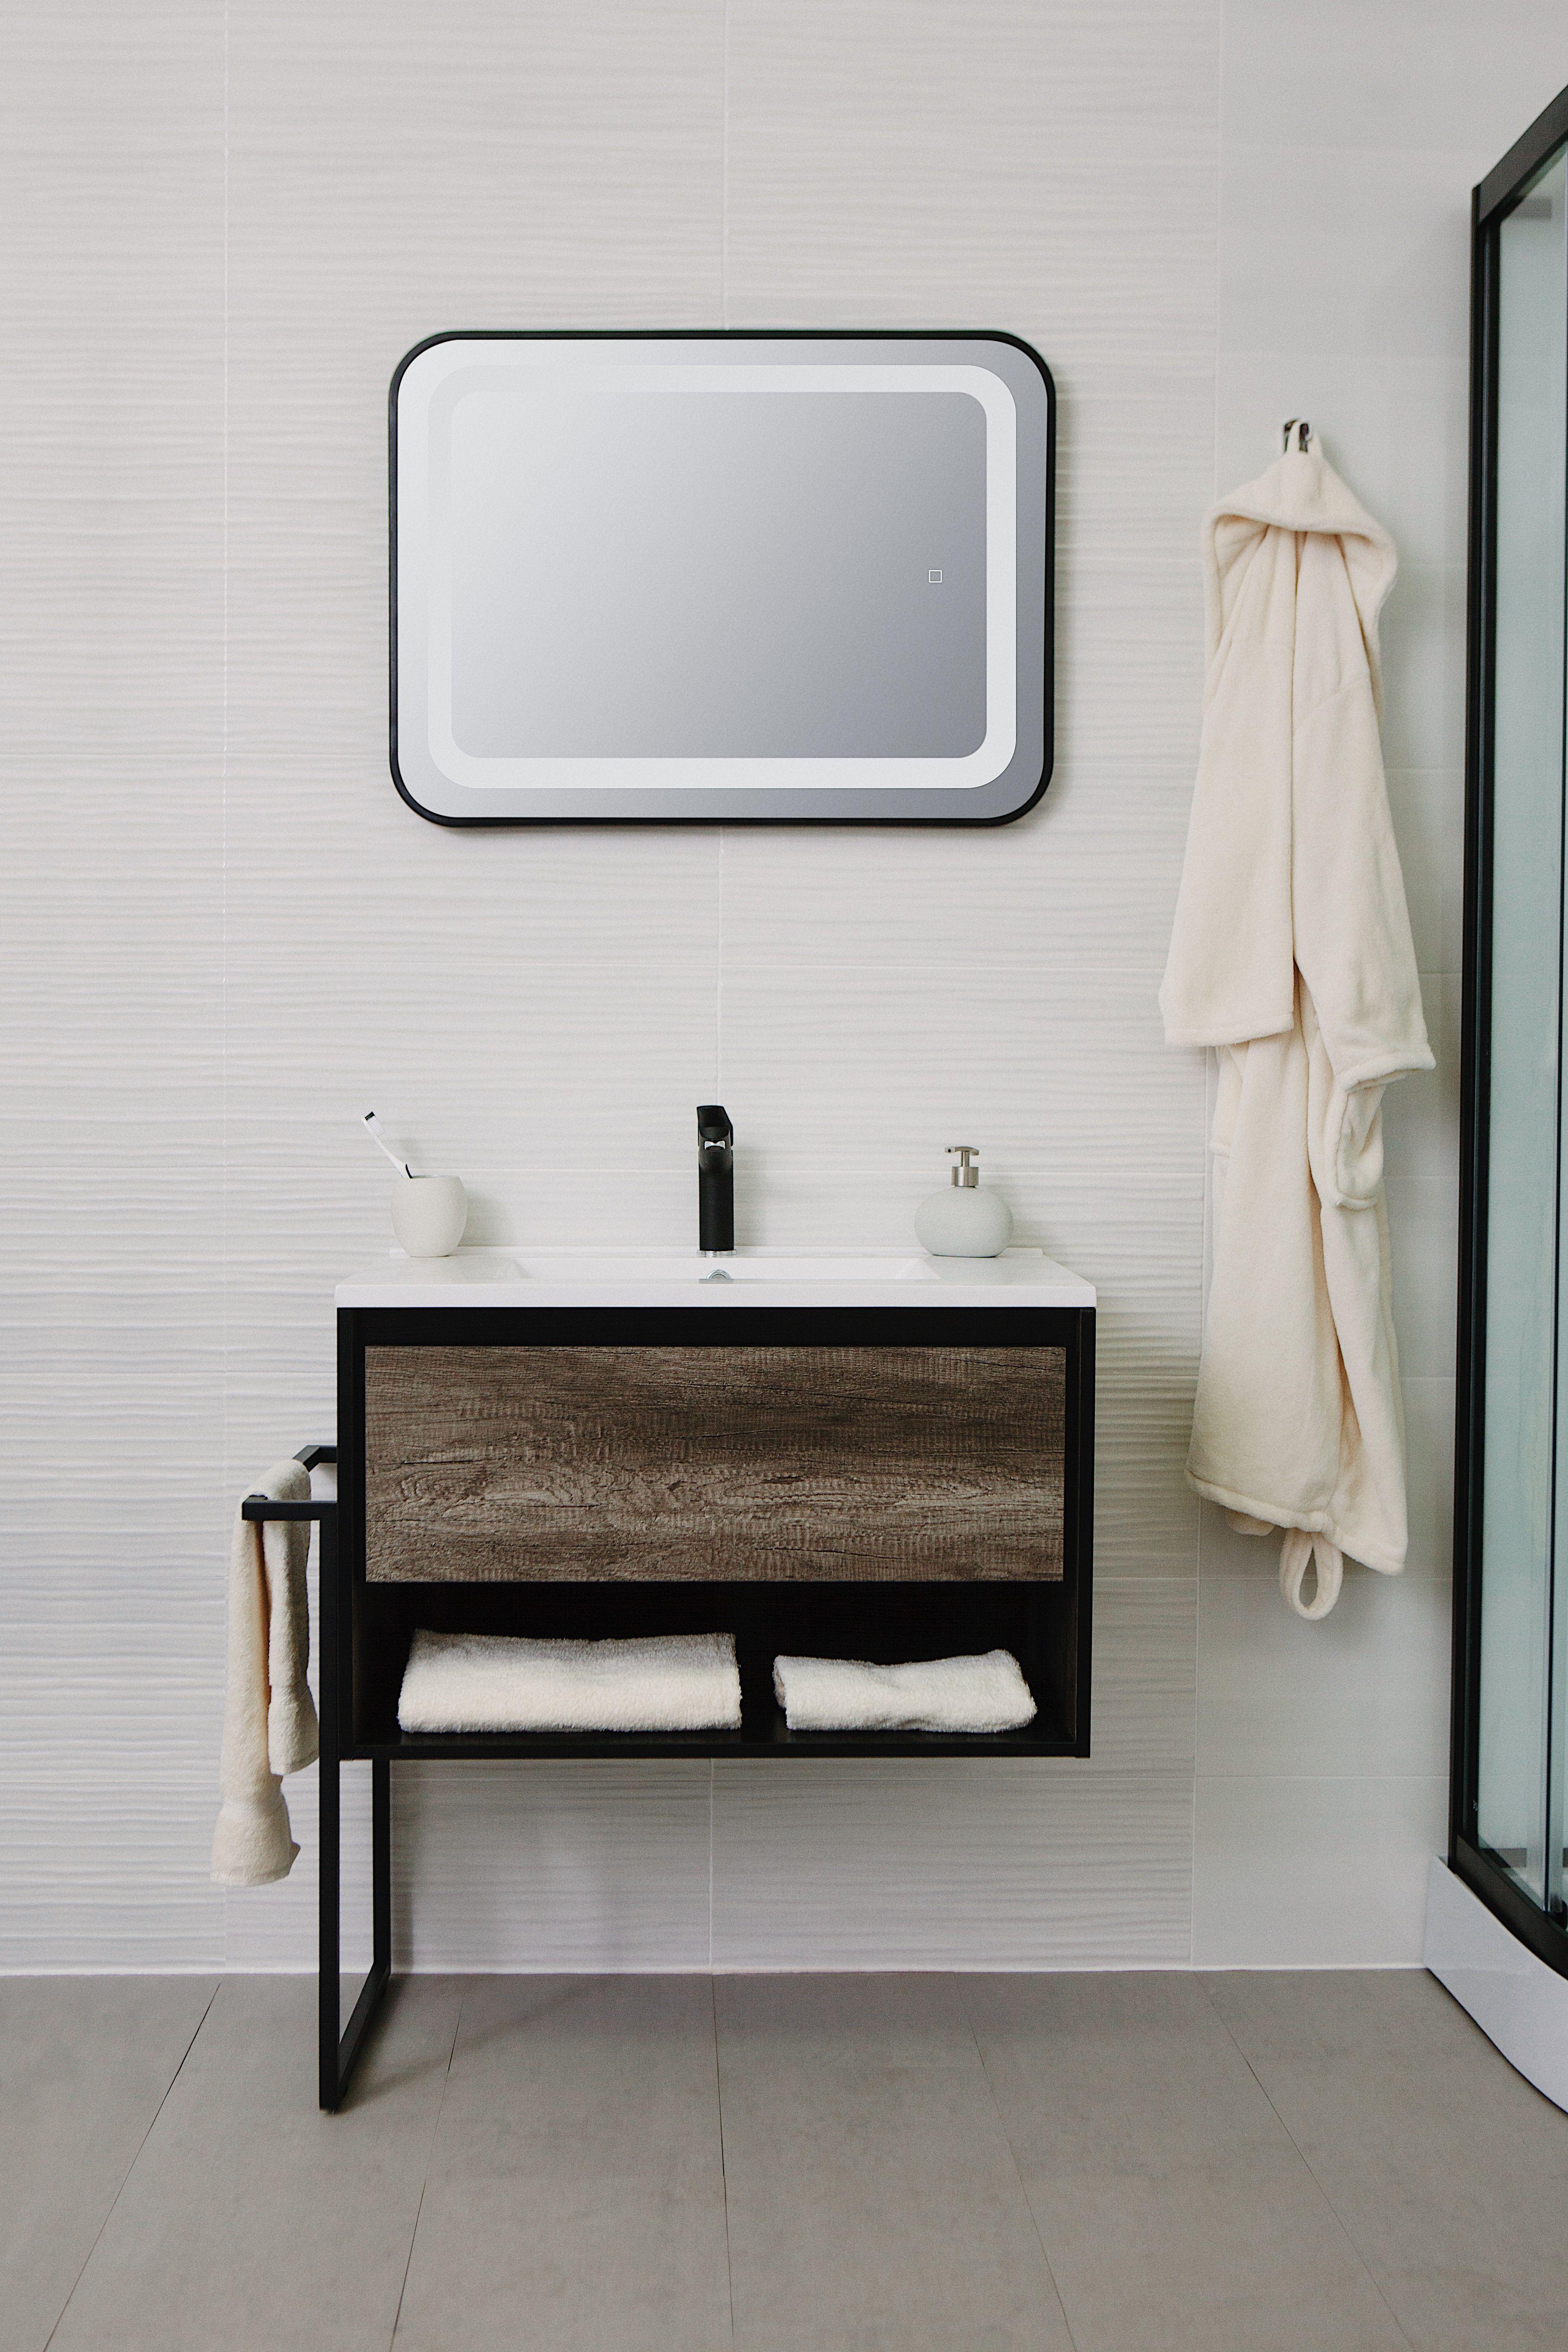 Badmöbel Set SOHO Unterschrank, Badezimmer zubehör